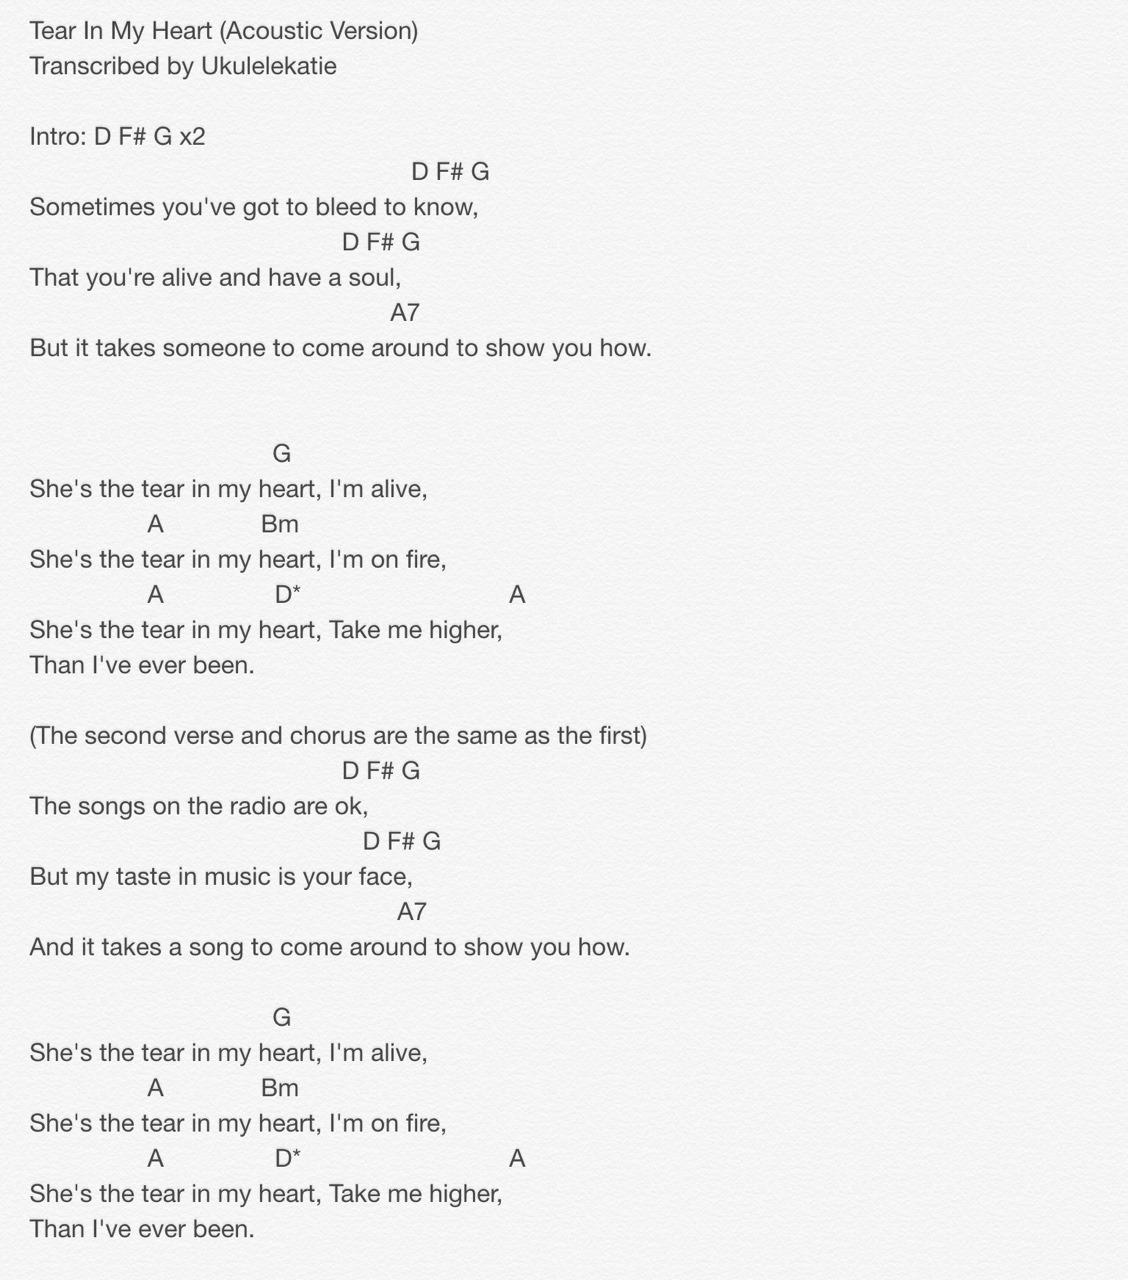 Twenty One Pilots Ukulele Chords Im Still Here Here Are The Ukulele Chords For The Acoustic